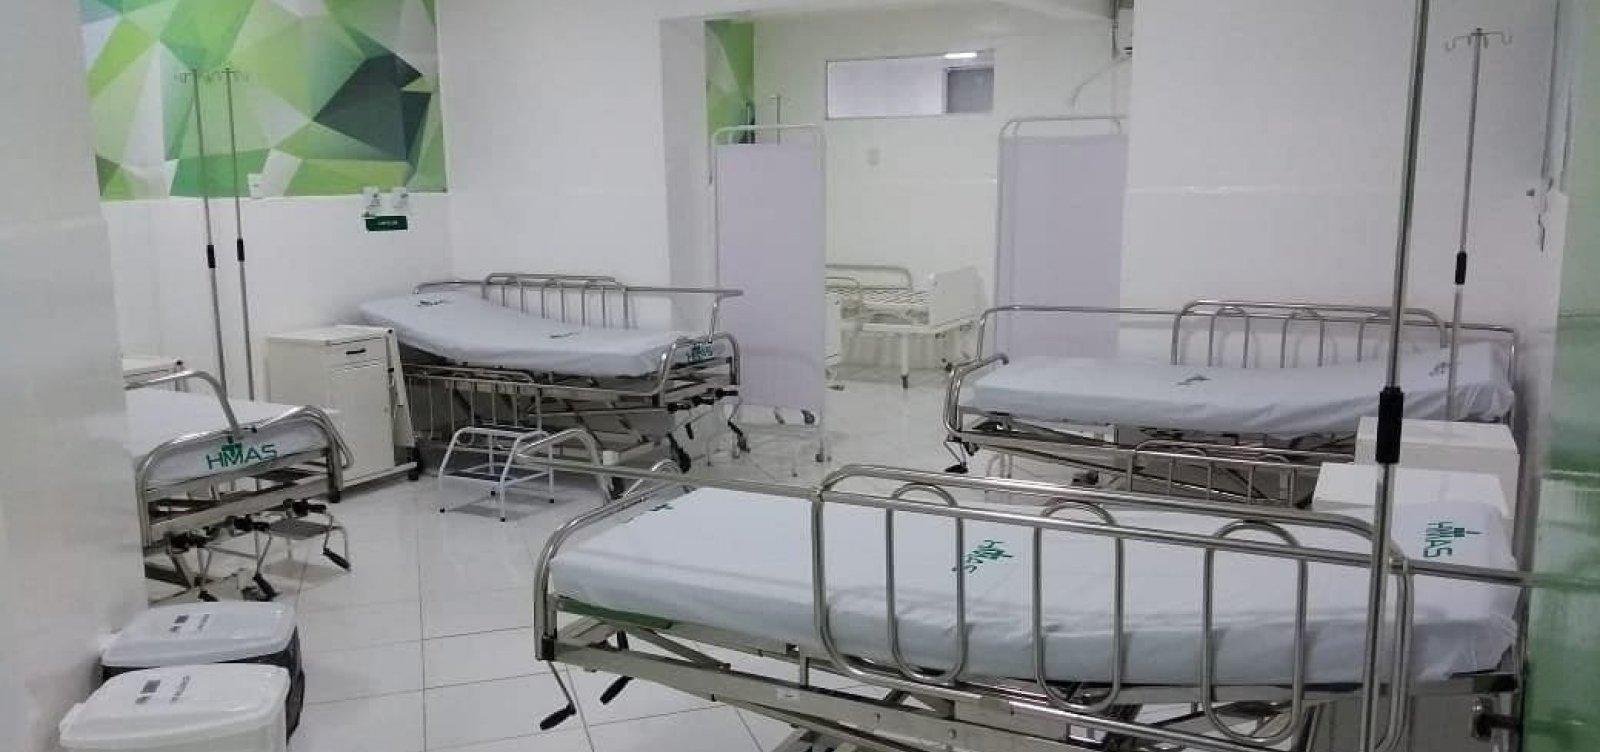 [Após reformas, prefeitura de Vera Cruz entrega Hospital Municipal Maria Amélia Santos]